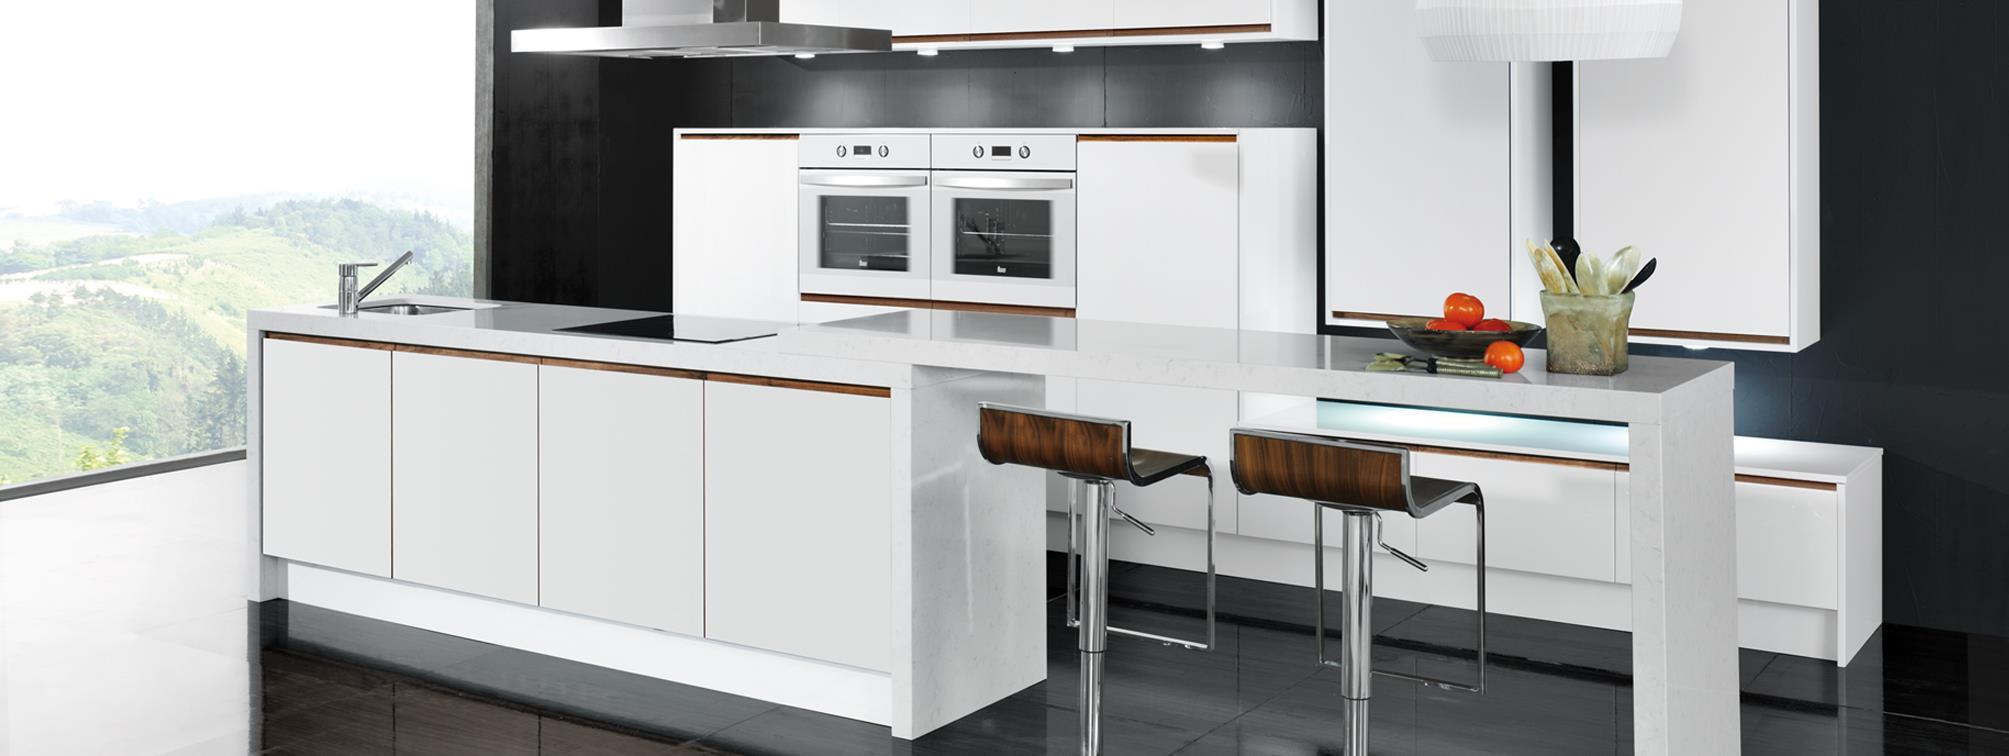 Quieres ser distribuidor de diomo cocinas for Disenos de cocinas en cuba